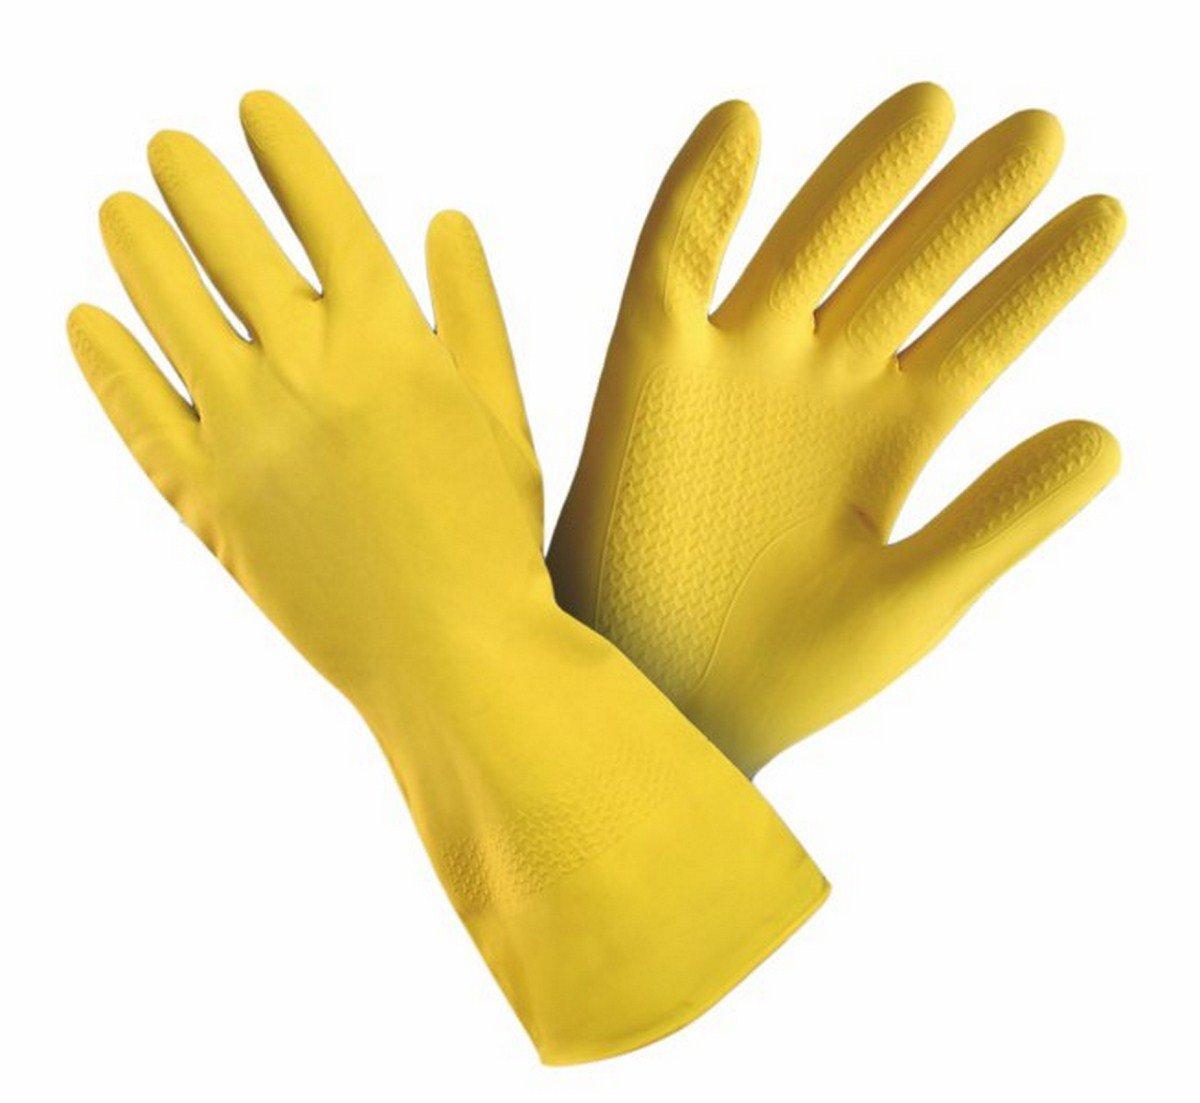 Перчатки  рез. жёлт. (XL) (каучук на хлопк. основе), Люкс-класс, особо прочные